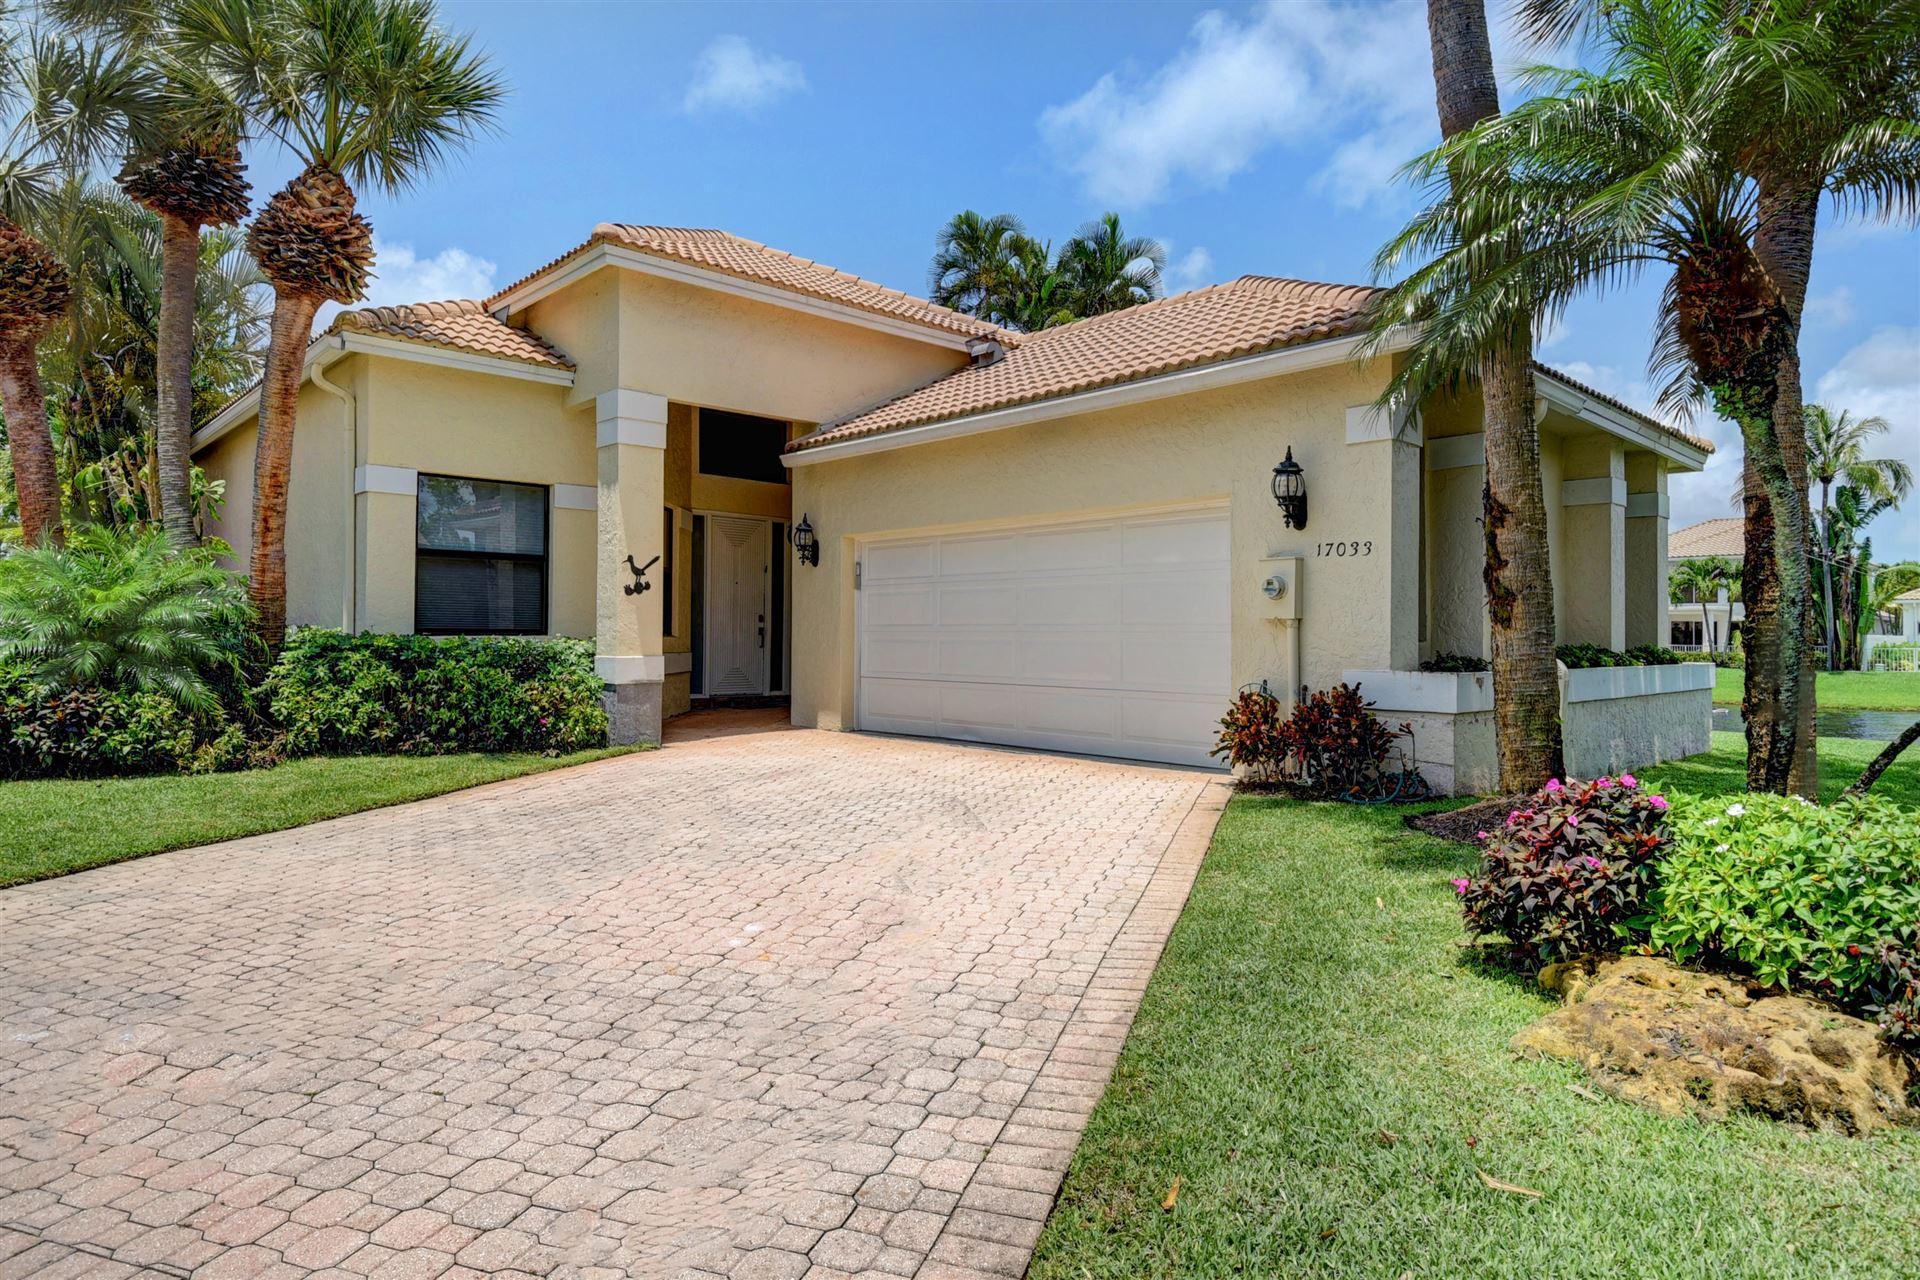 17033 Ryton Lane, Boca Raton, FL 33496 - #: RX-10626190